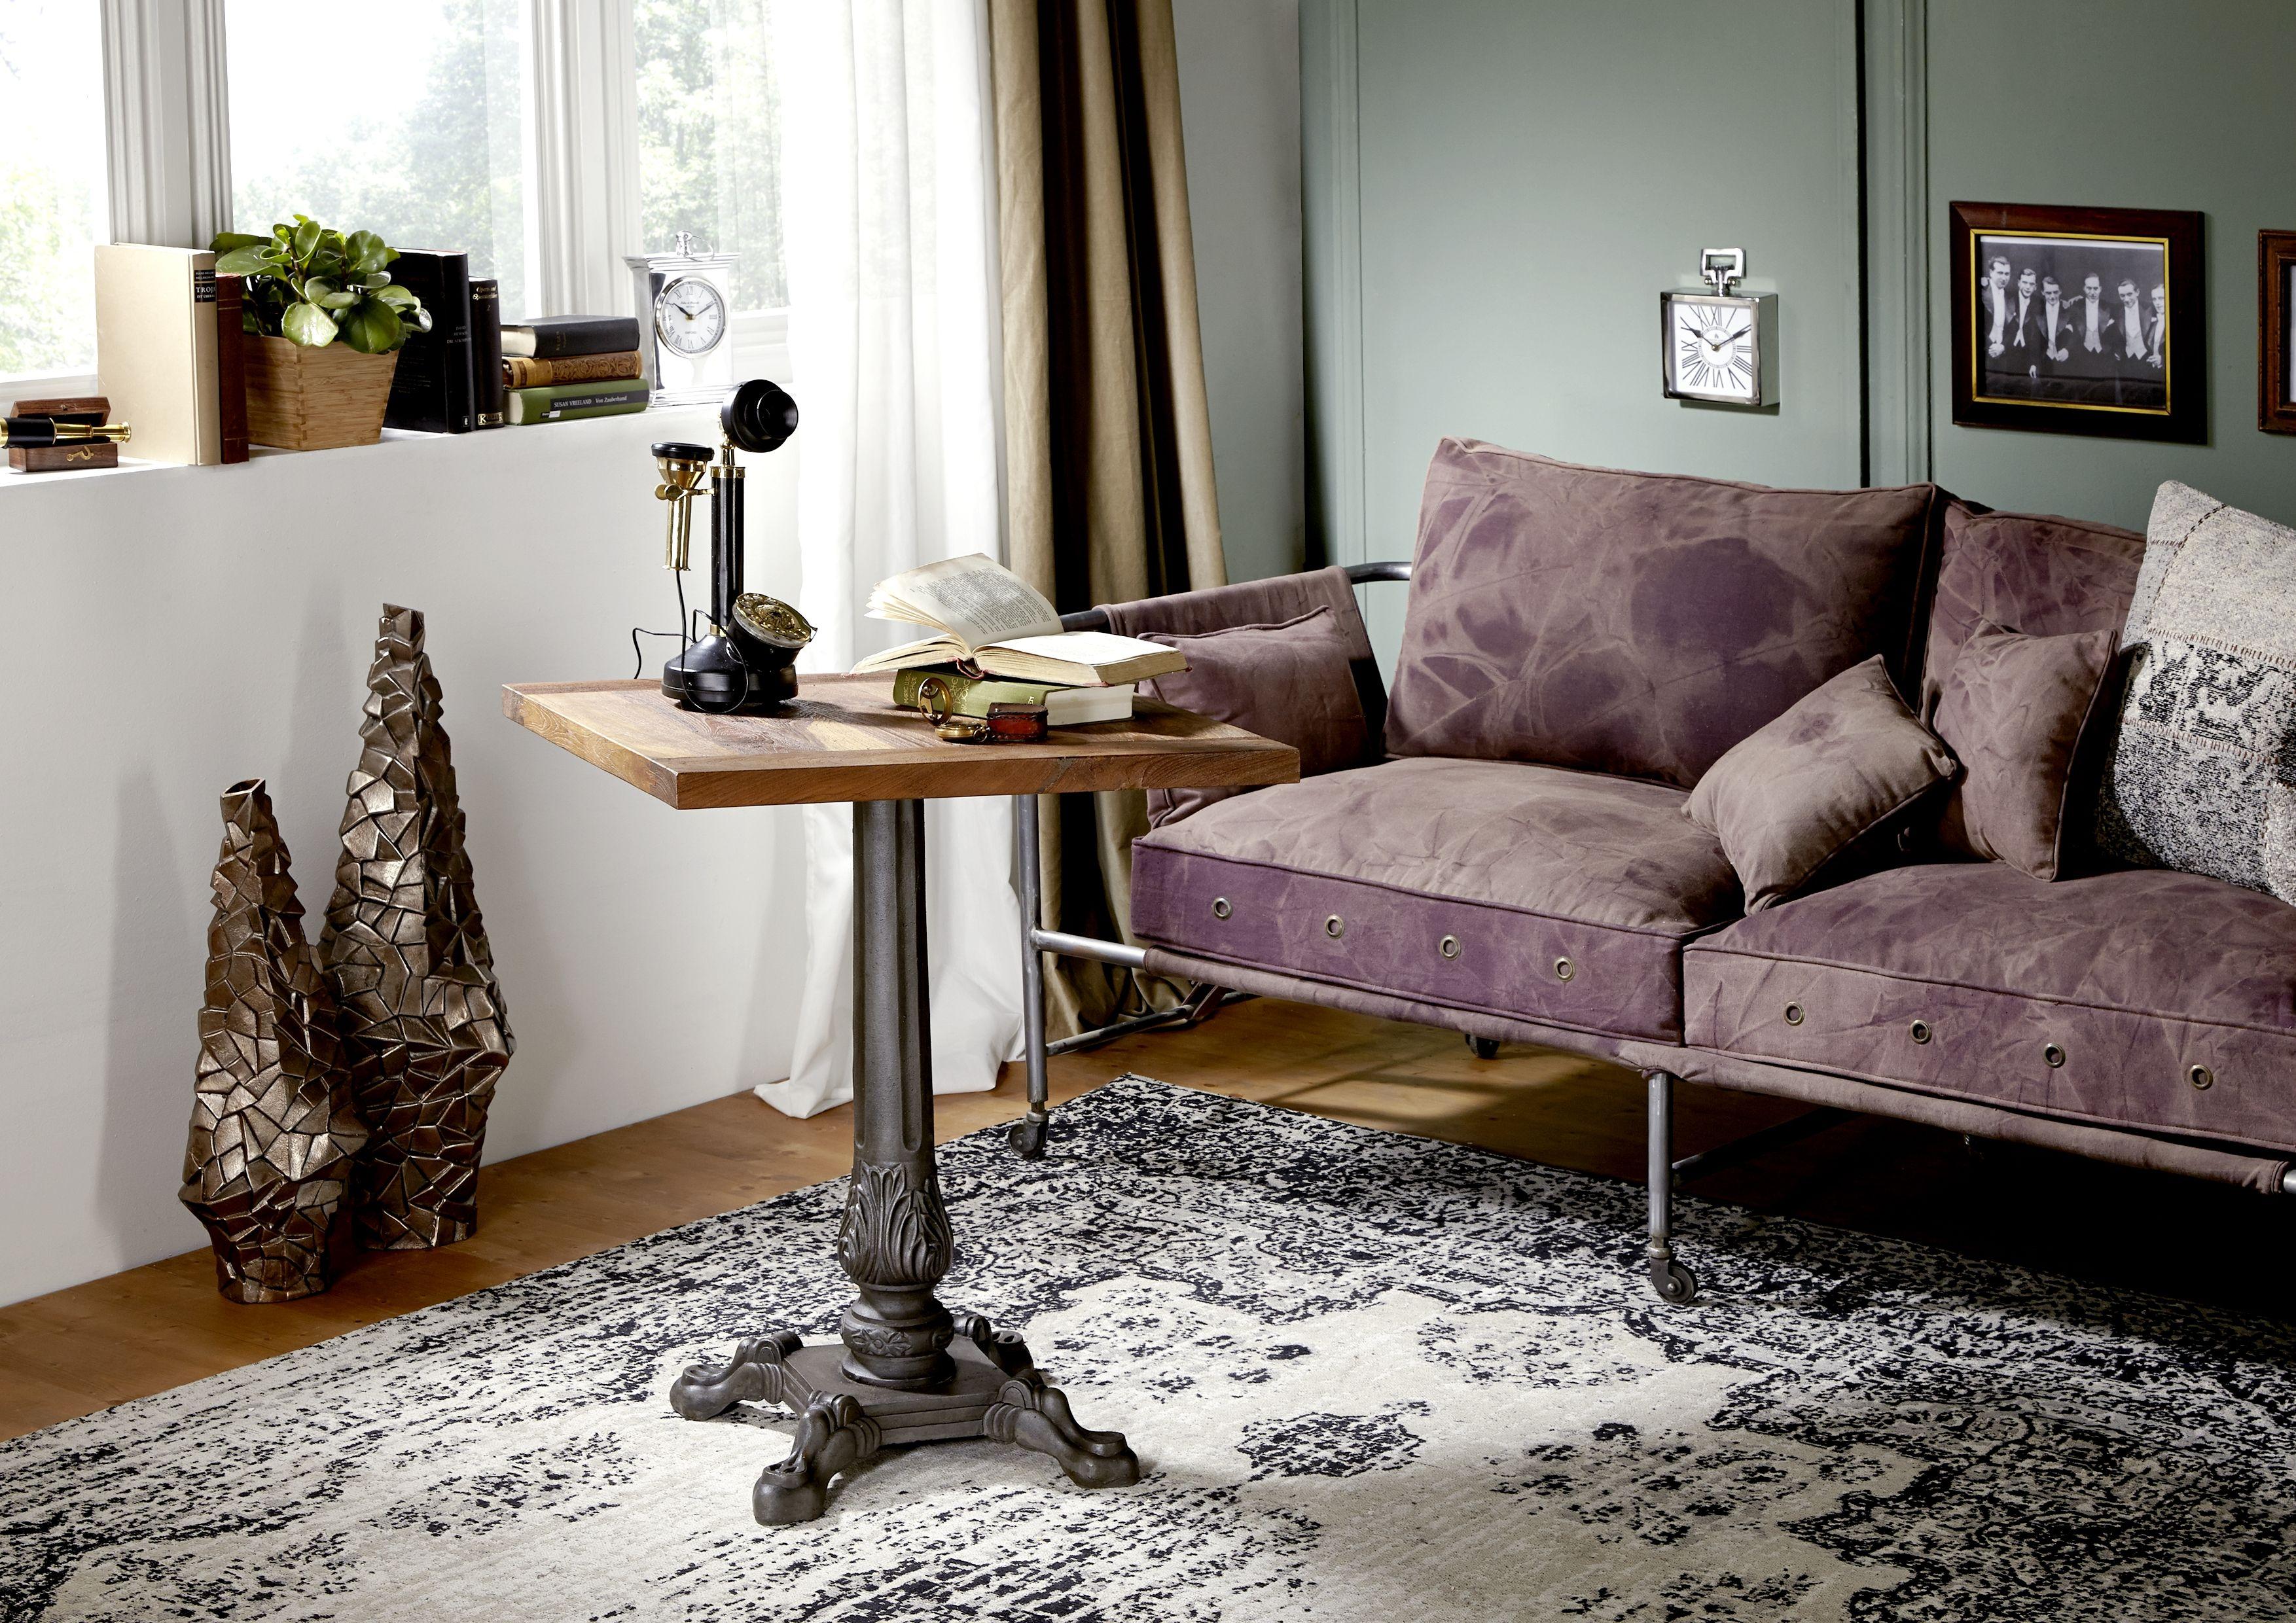 Vintage wohnzimmertisch tisch der serie us original dank dem aufregenden steampunk